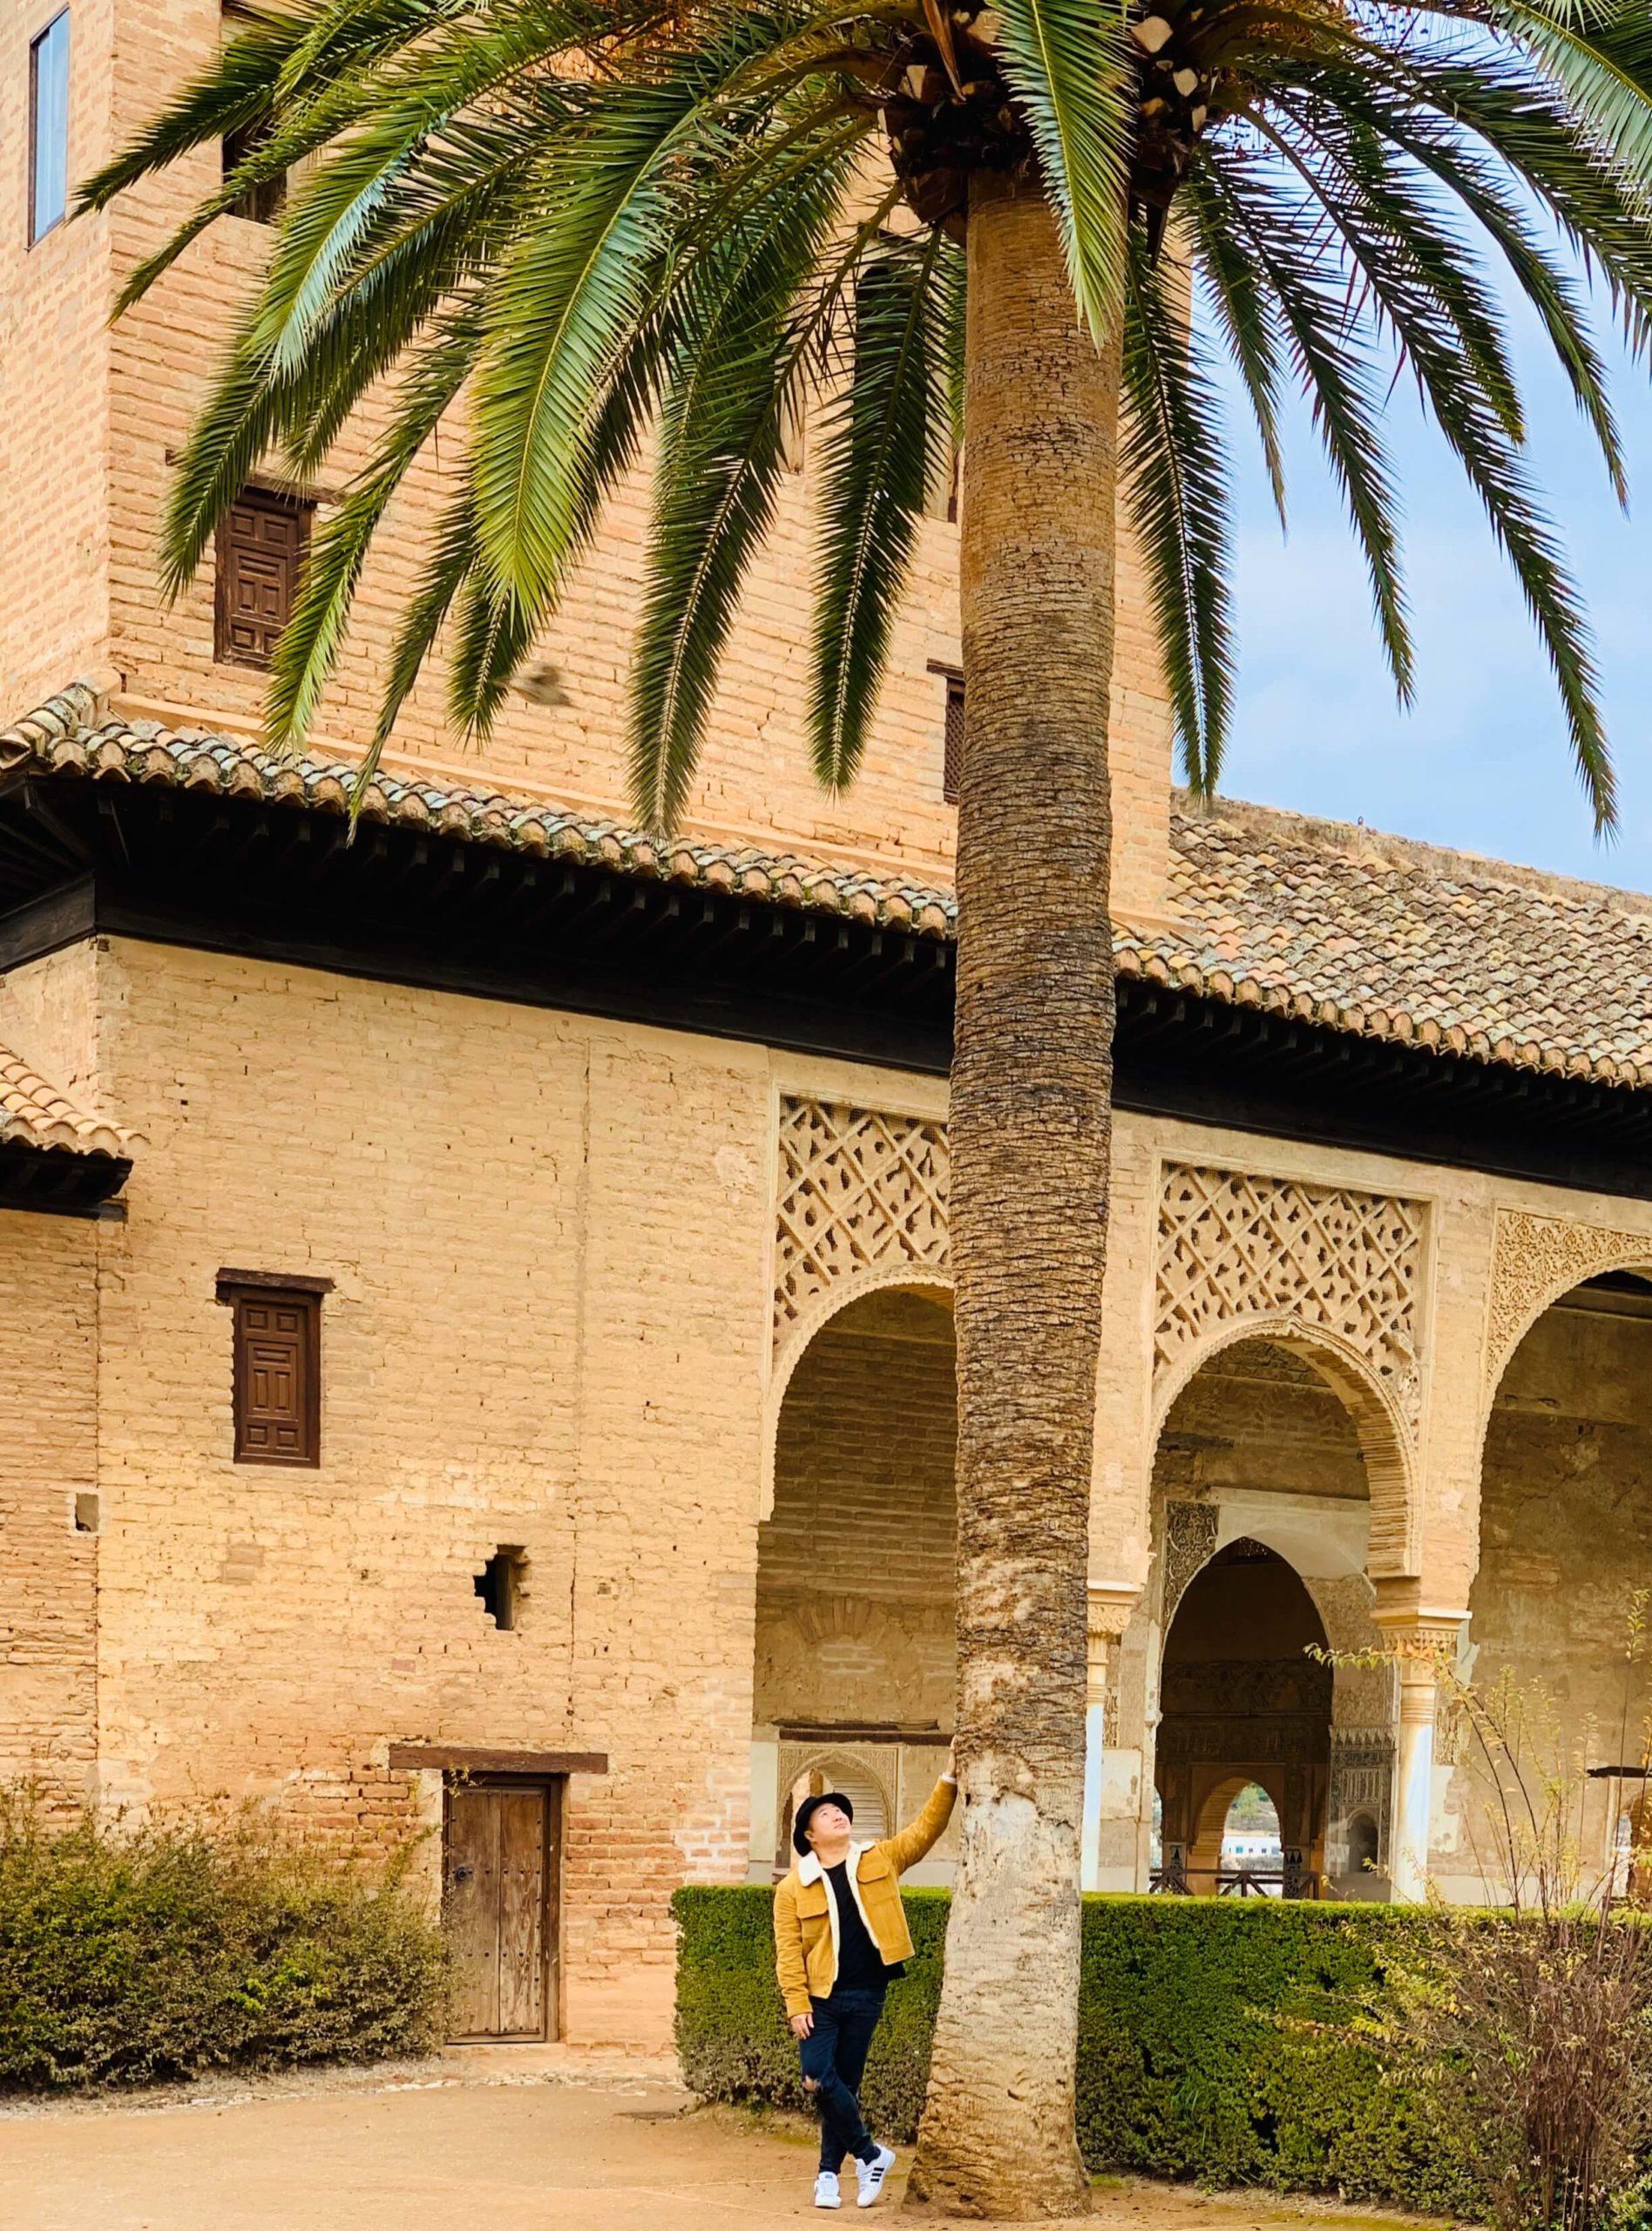 Bibendum Tour - Hoang dans les Jardins de l'Alhambra